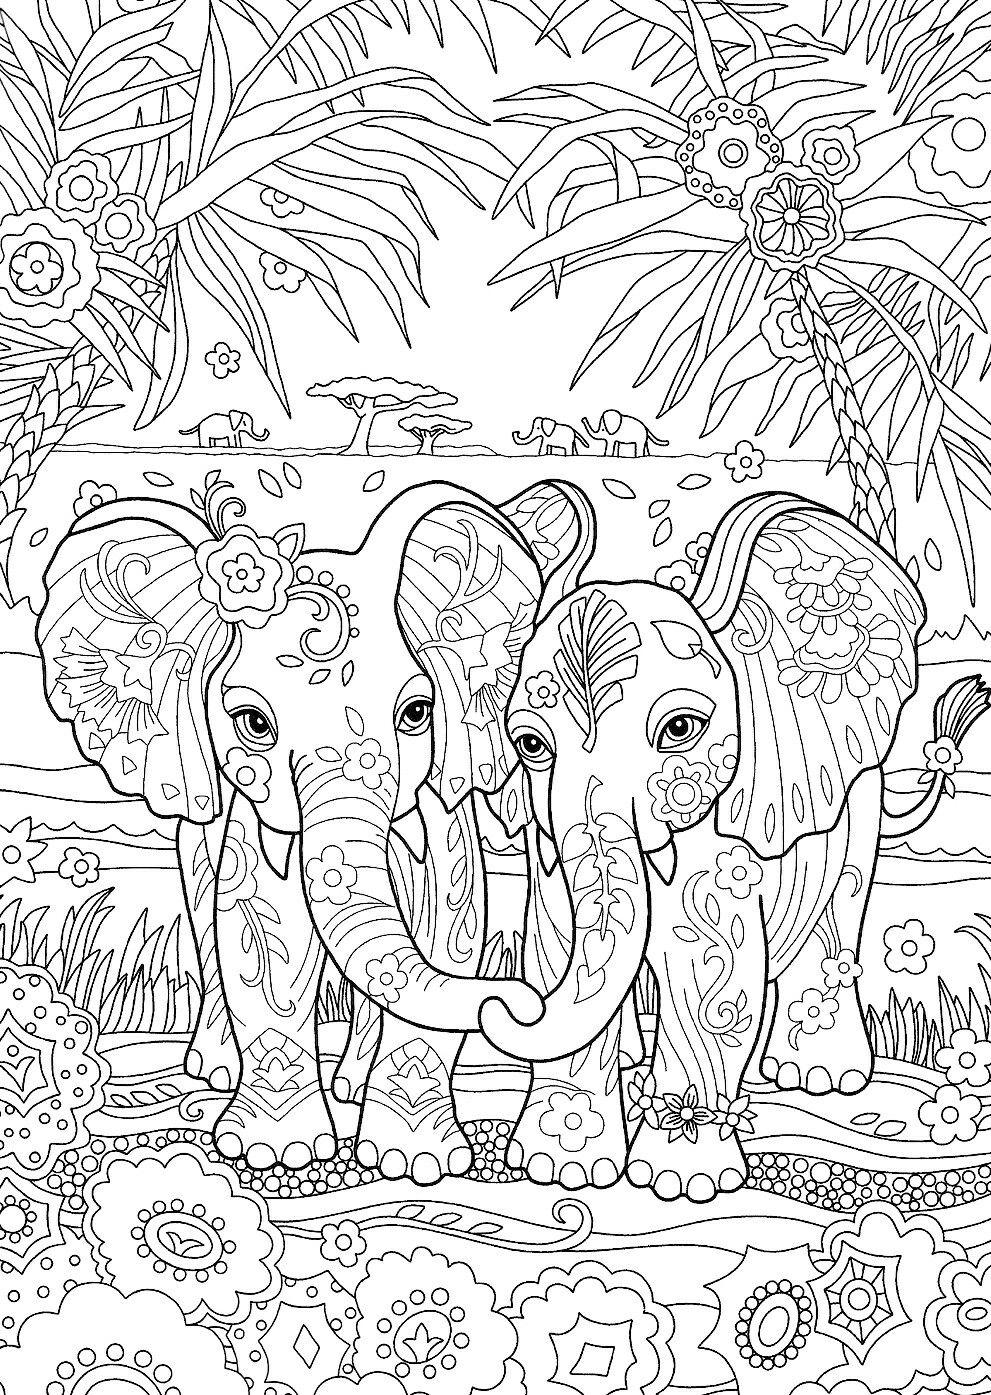 Épinglé par Melany Van Den Heever sur Coloring: Elephants